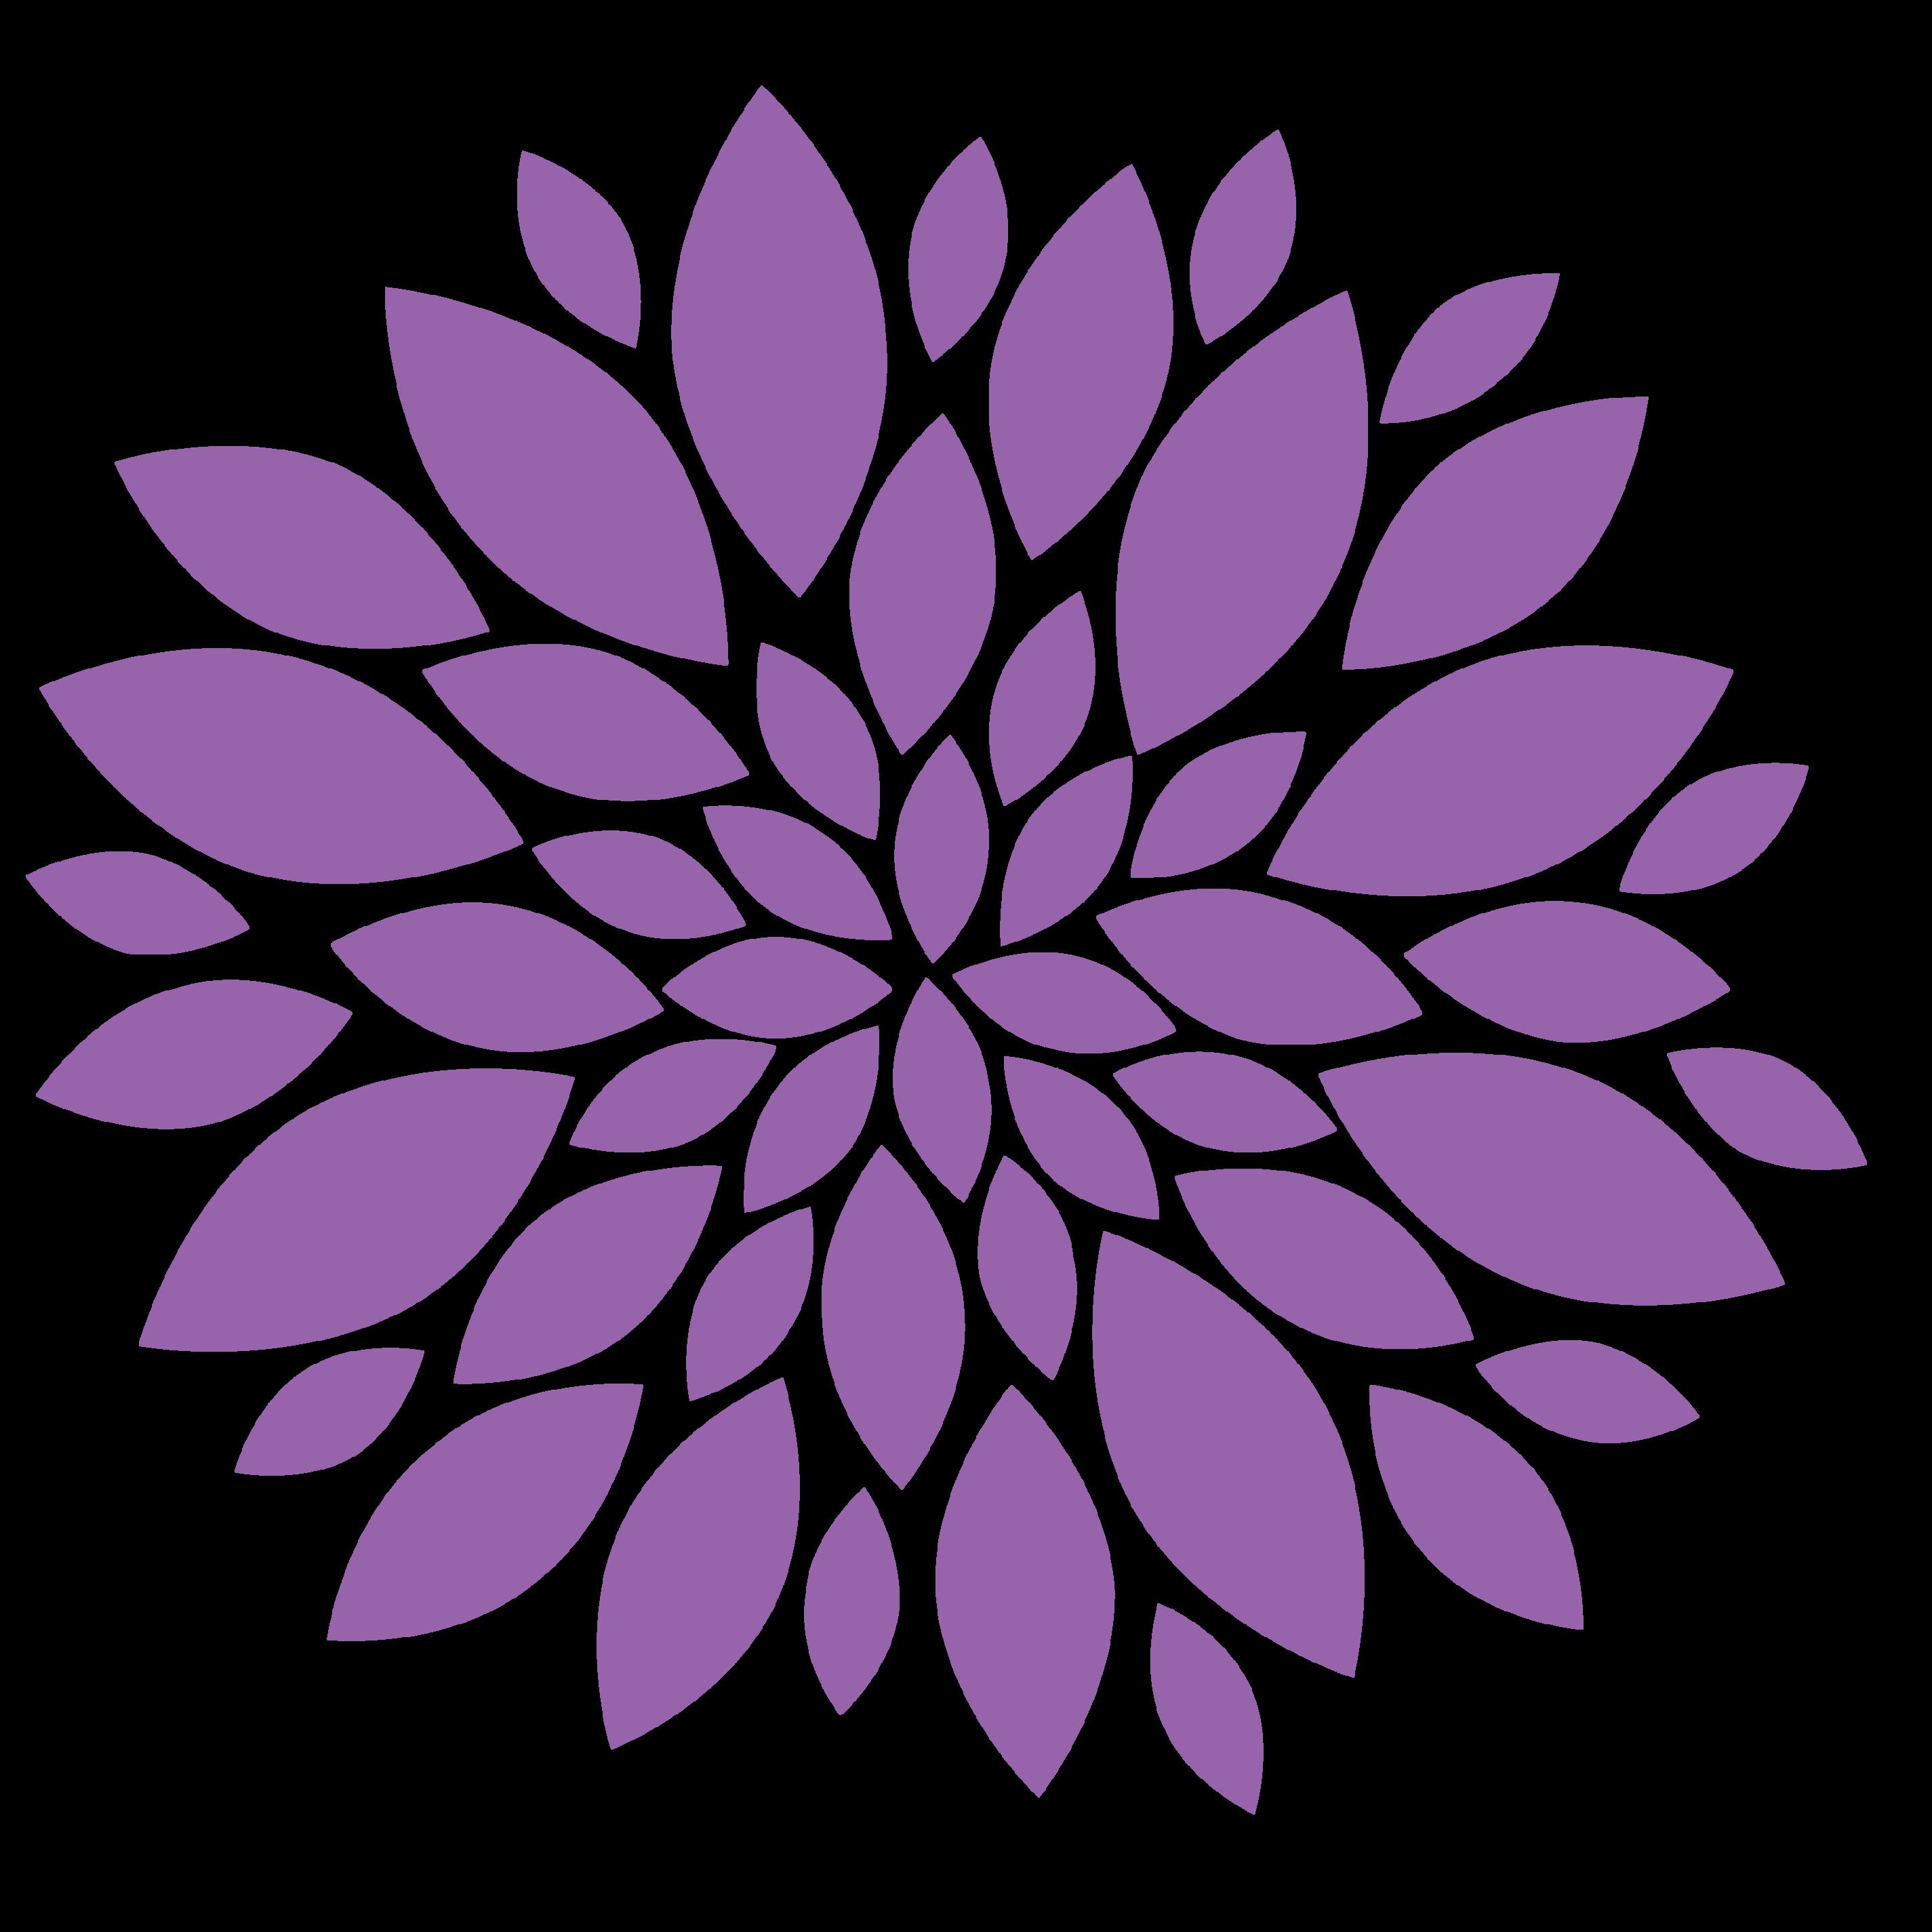 purple flowers clip art images.